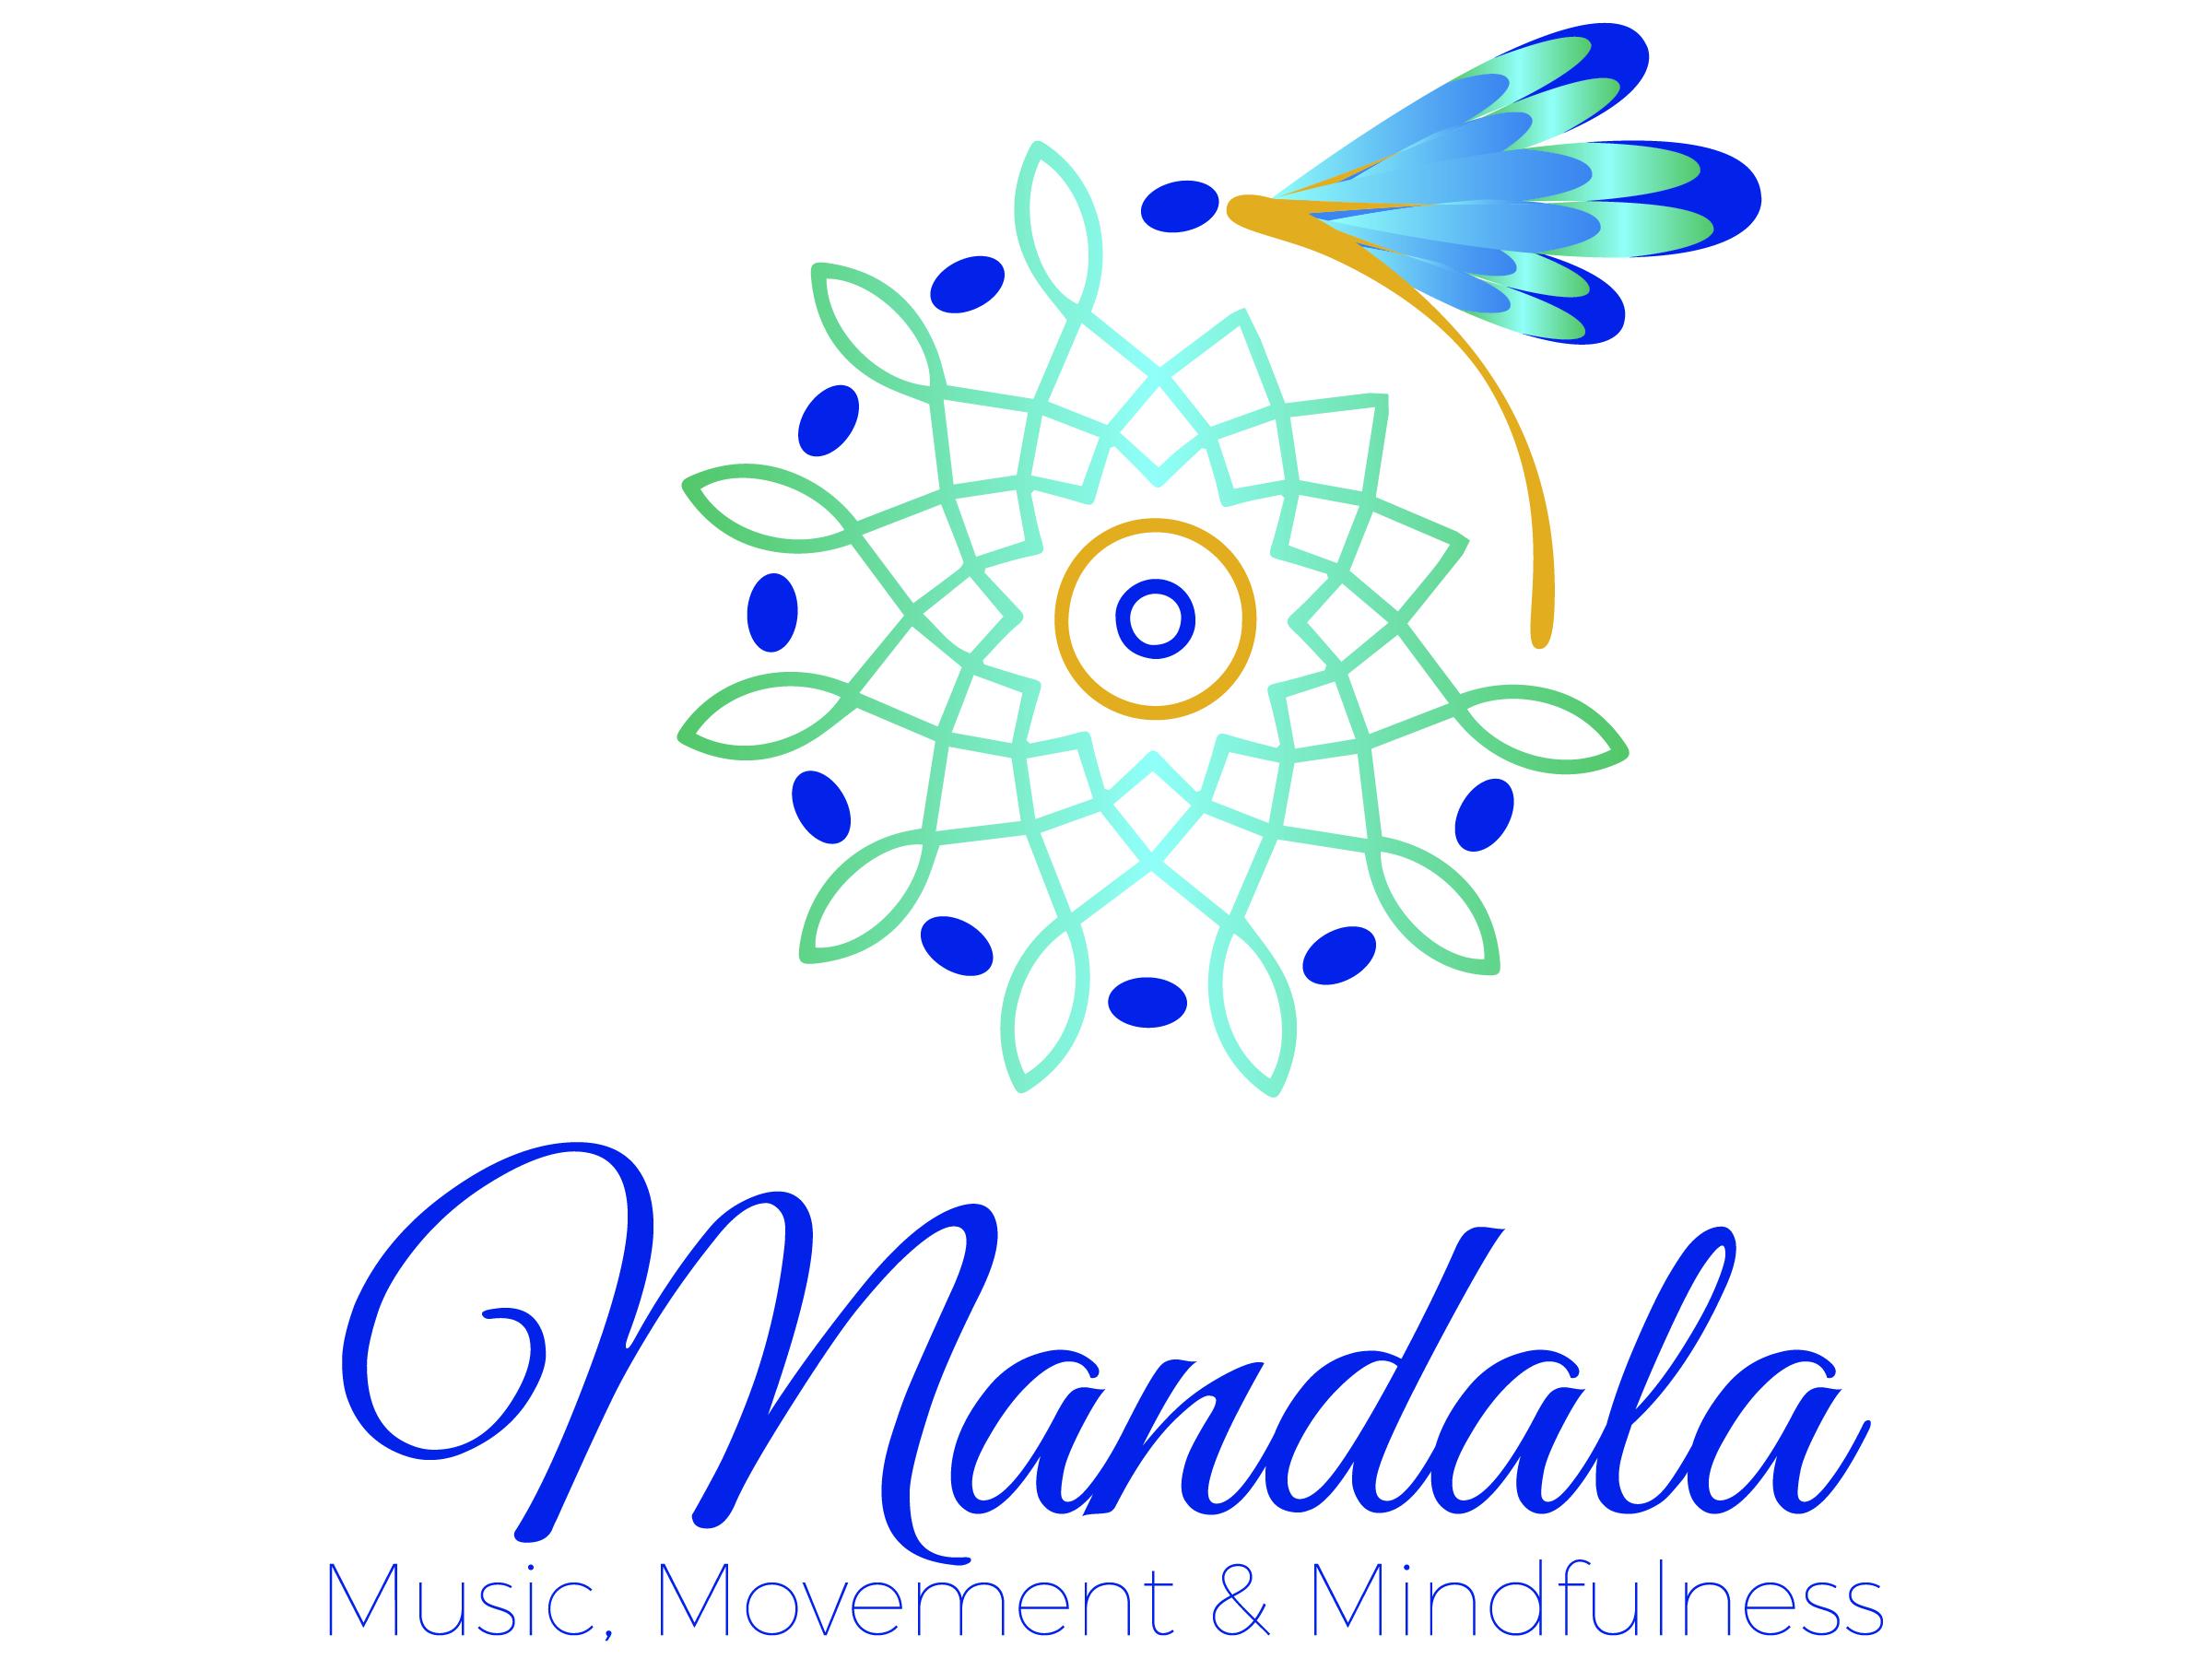 joanimortenson-logo-update-mandala-01.jpg